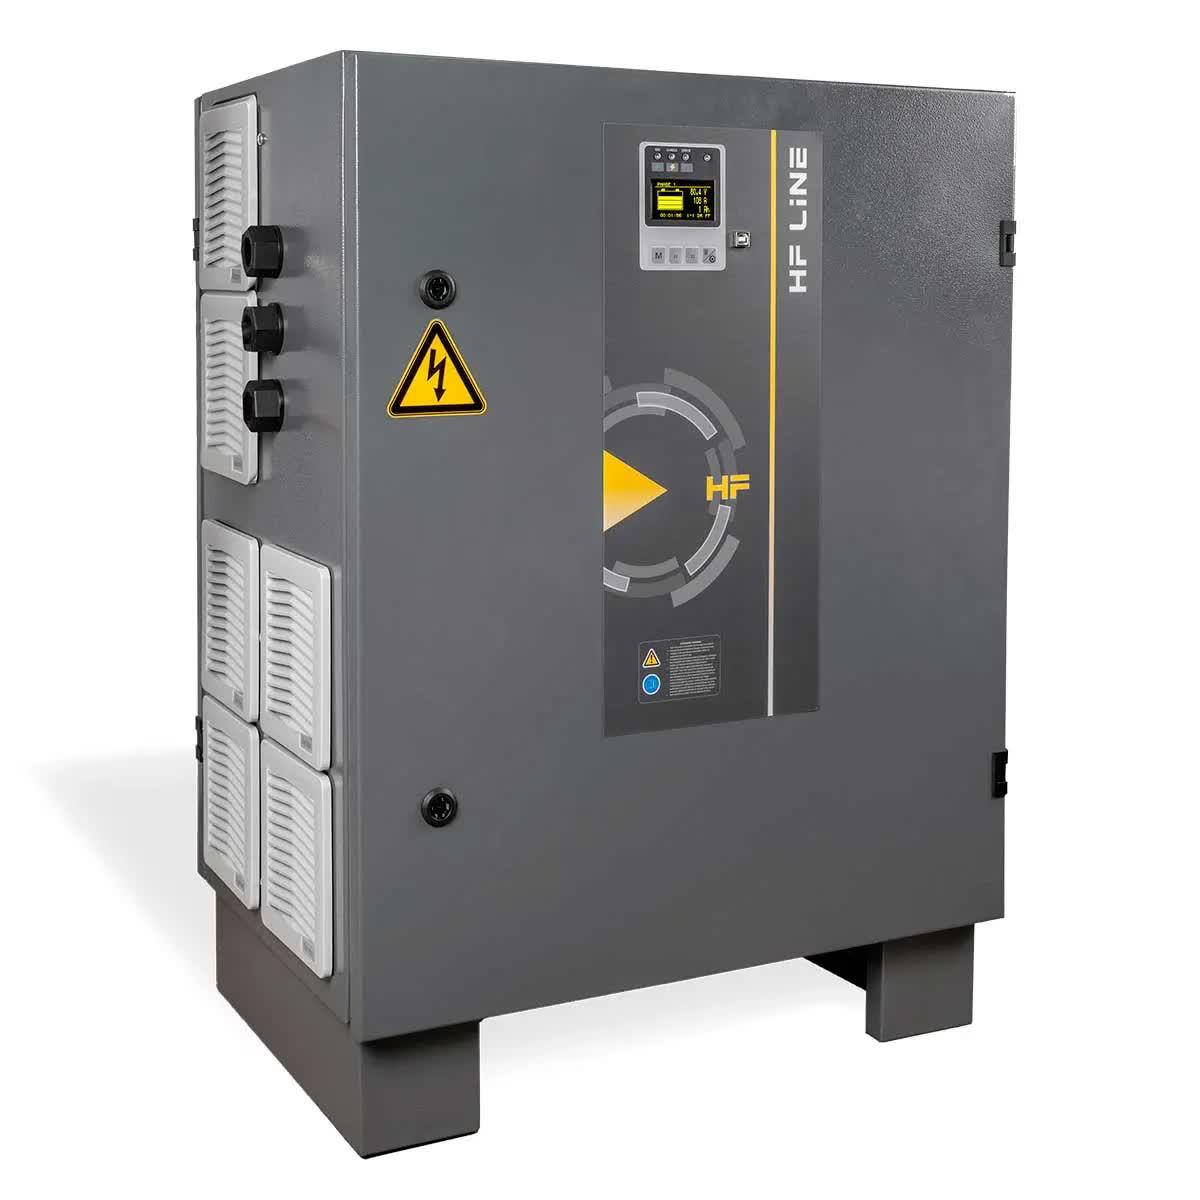 Ladegeräte für Lithium-Ionen-Batterien, Italien, ATIB Elettronica